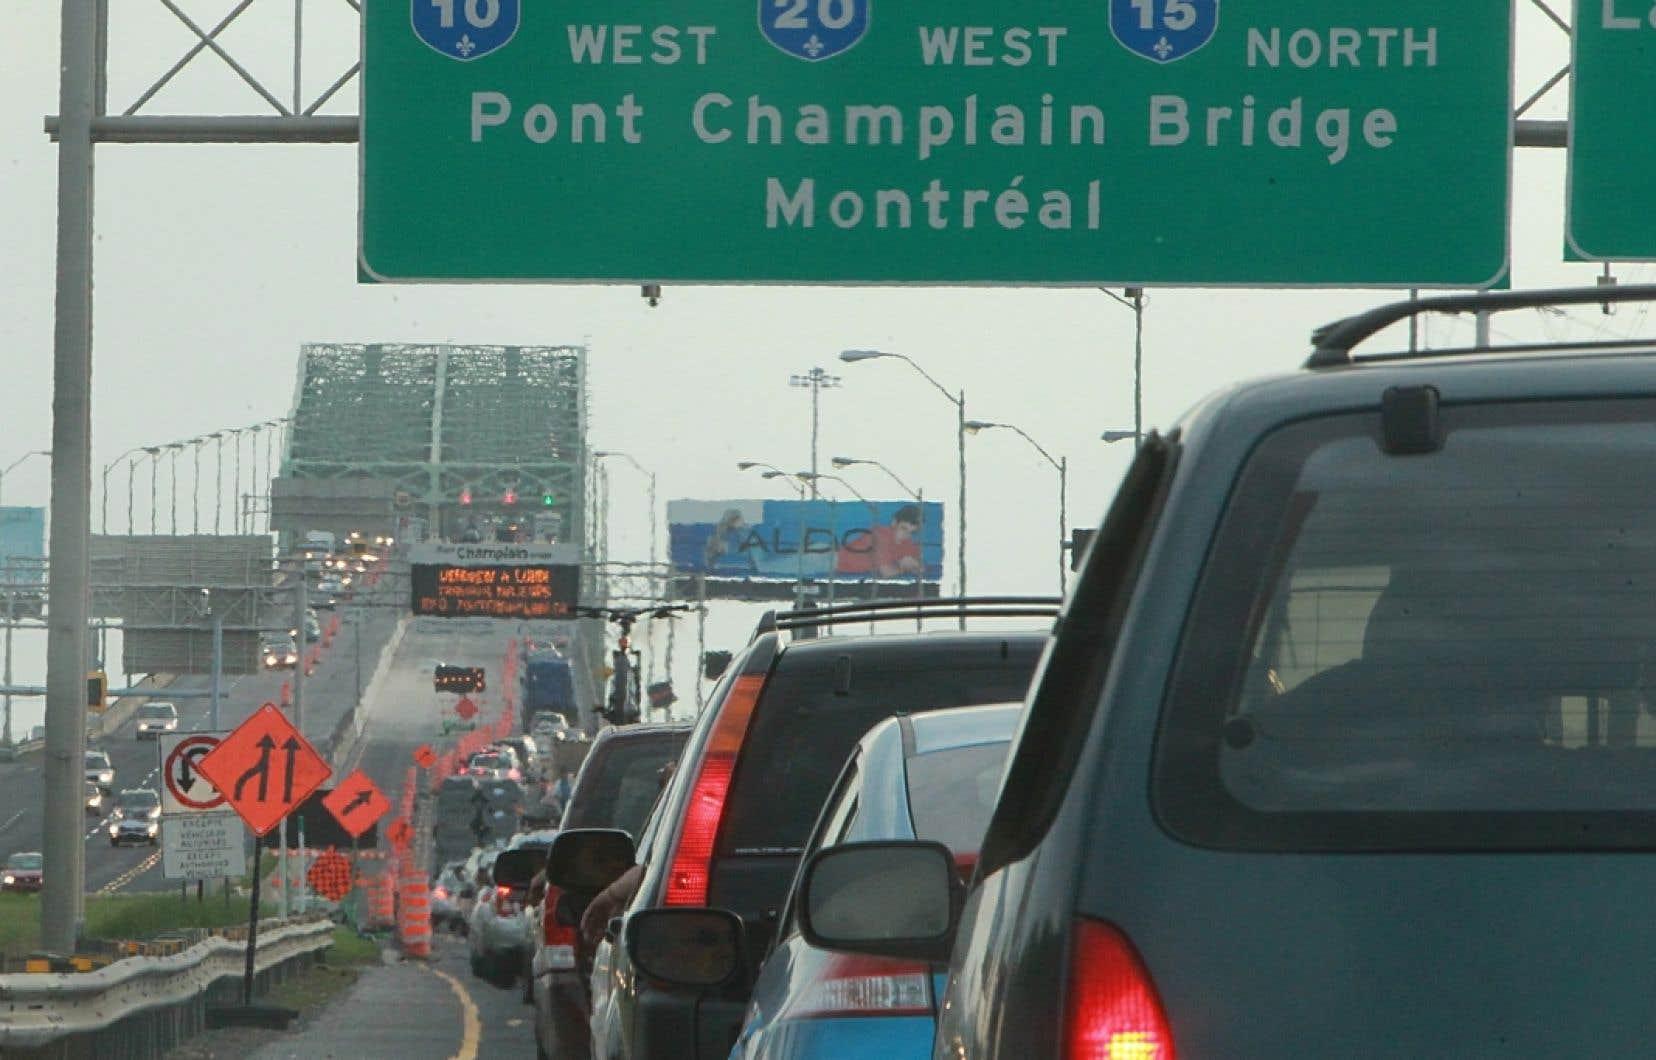 La fermeture de cette voie aura une incidence extrêmement importante sur la circulation. La société qui gère le pont reconnaît dans son communiqué que «les autres ponts de la Rive-Sud ne pourront pas compenser pour cette fermeture d'une voie».